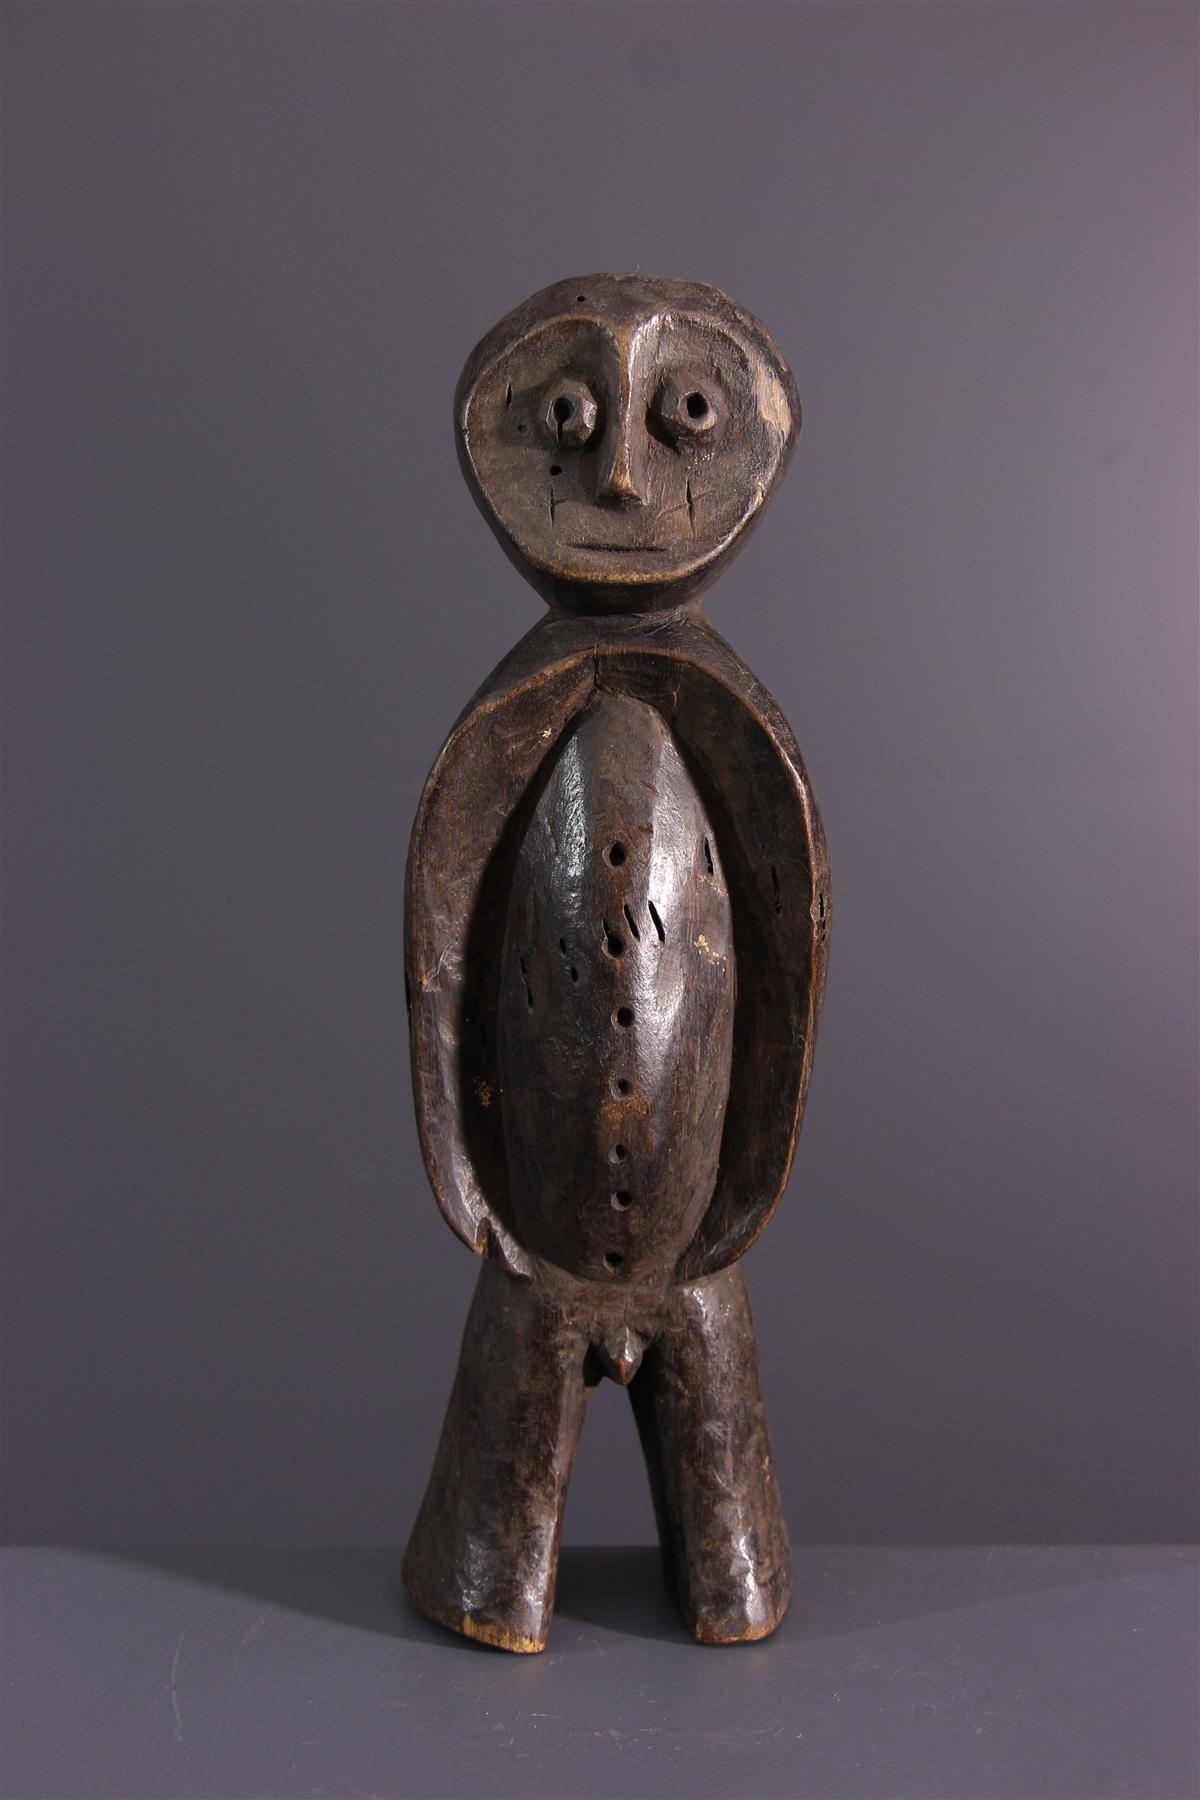 Beeldjes lega - Afrikaanse kunst